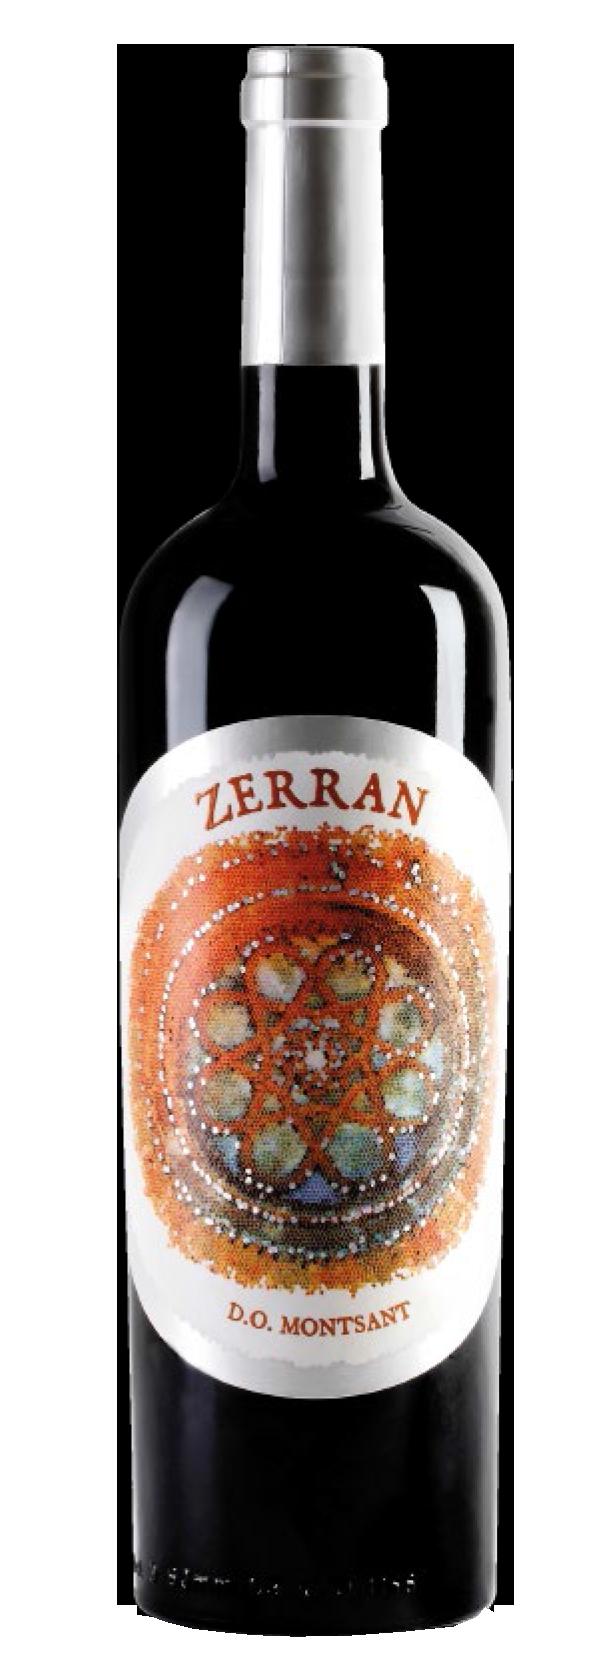 Zerran 2011